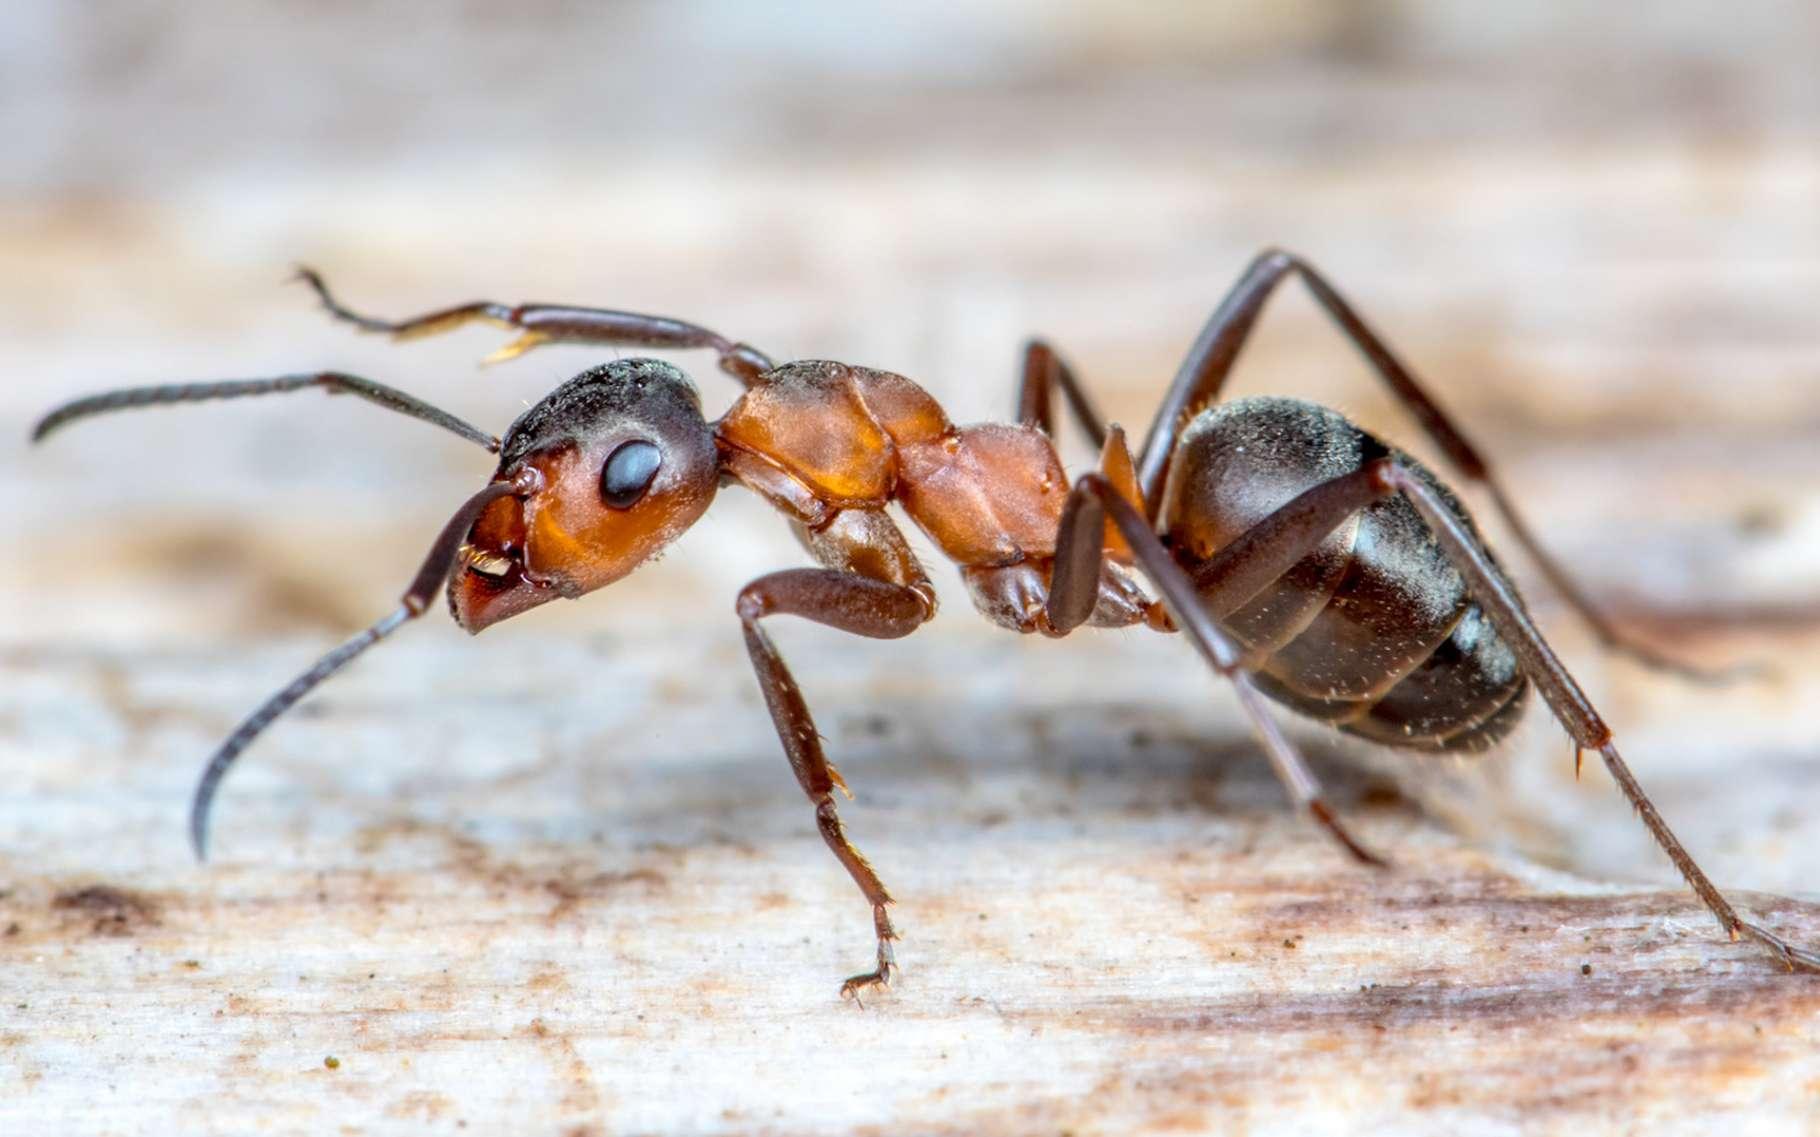 Comment les fourmis ont-elles acquis leurs muscles ? © Rainer Fuhrmann, Fotolia